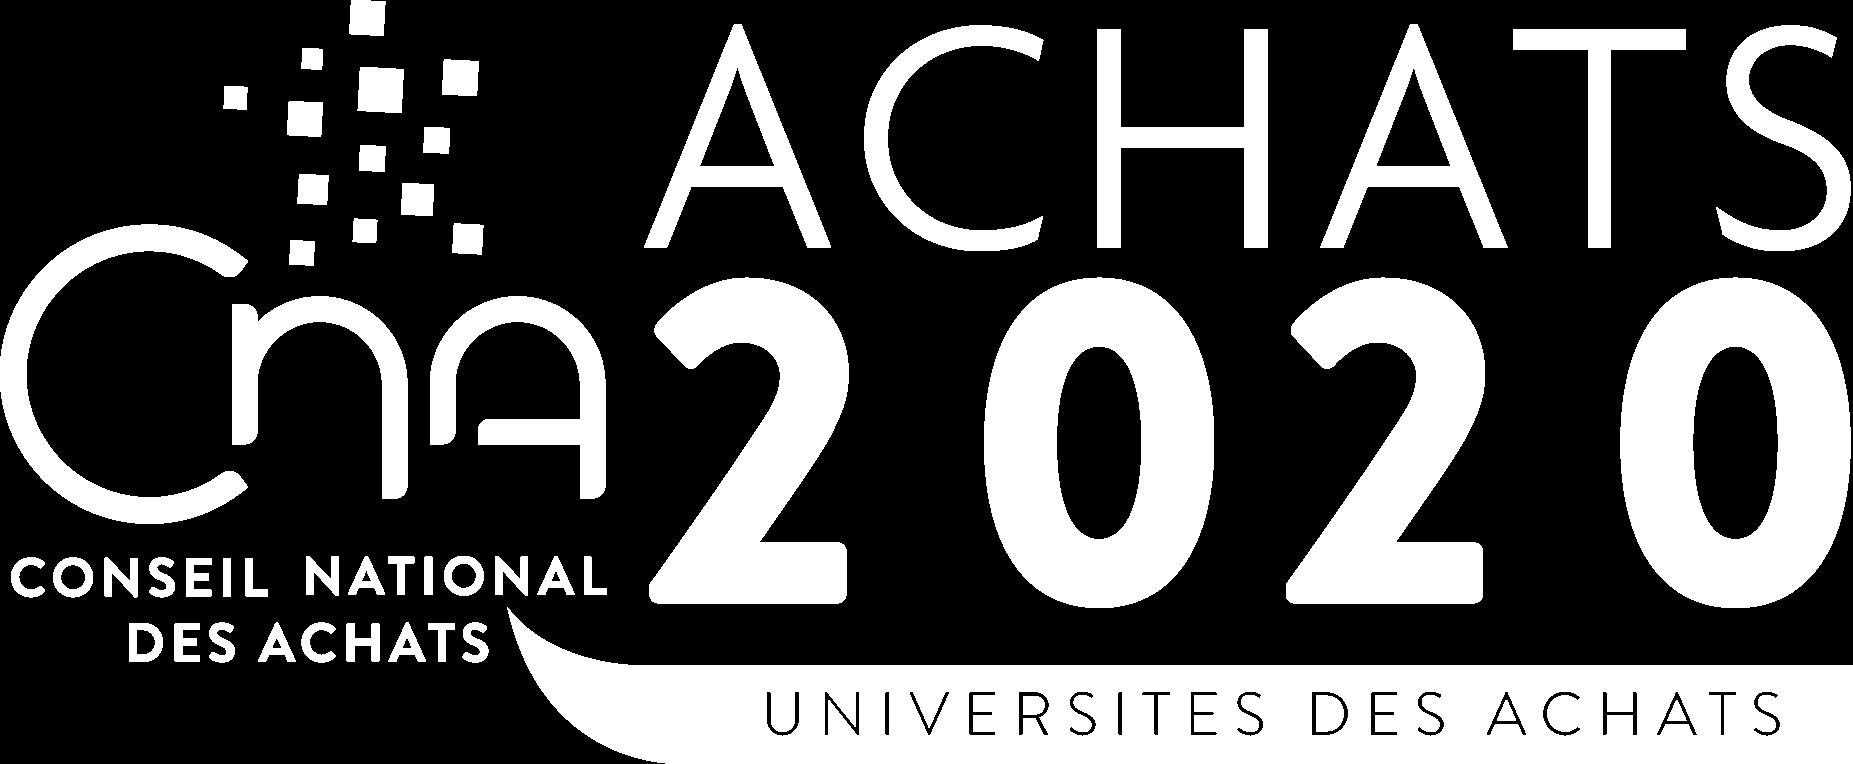 Universités des Achats 2020